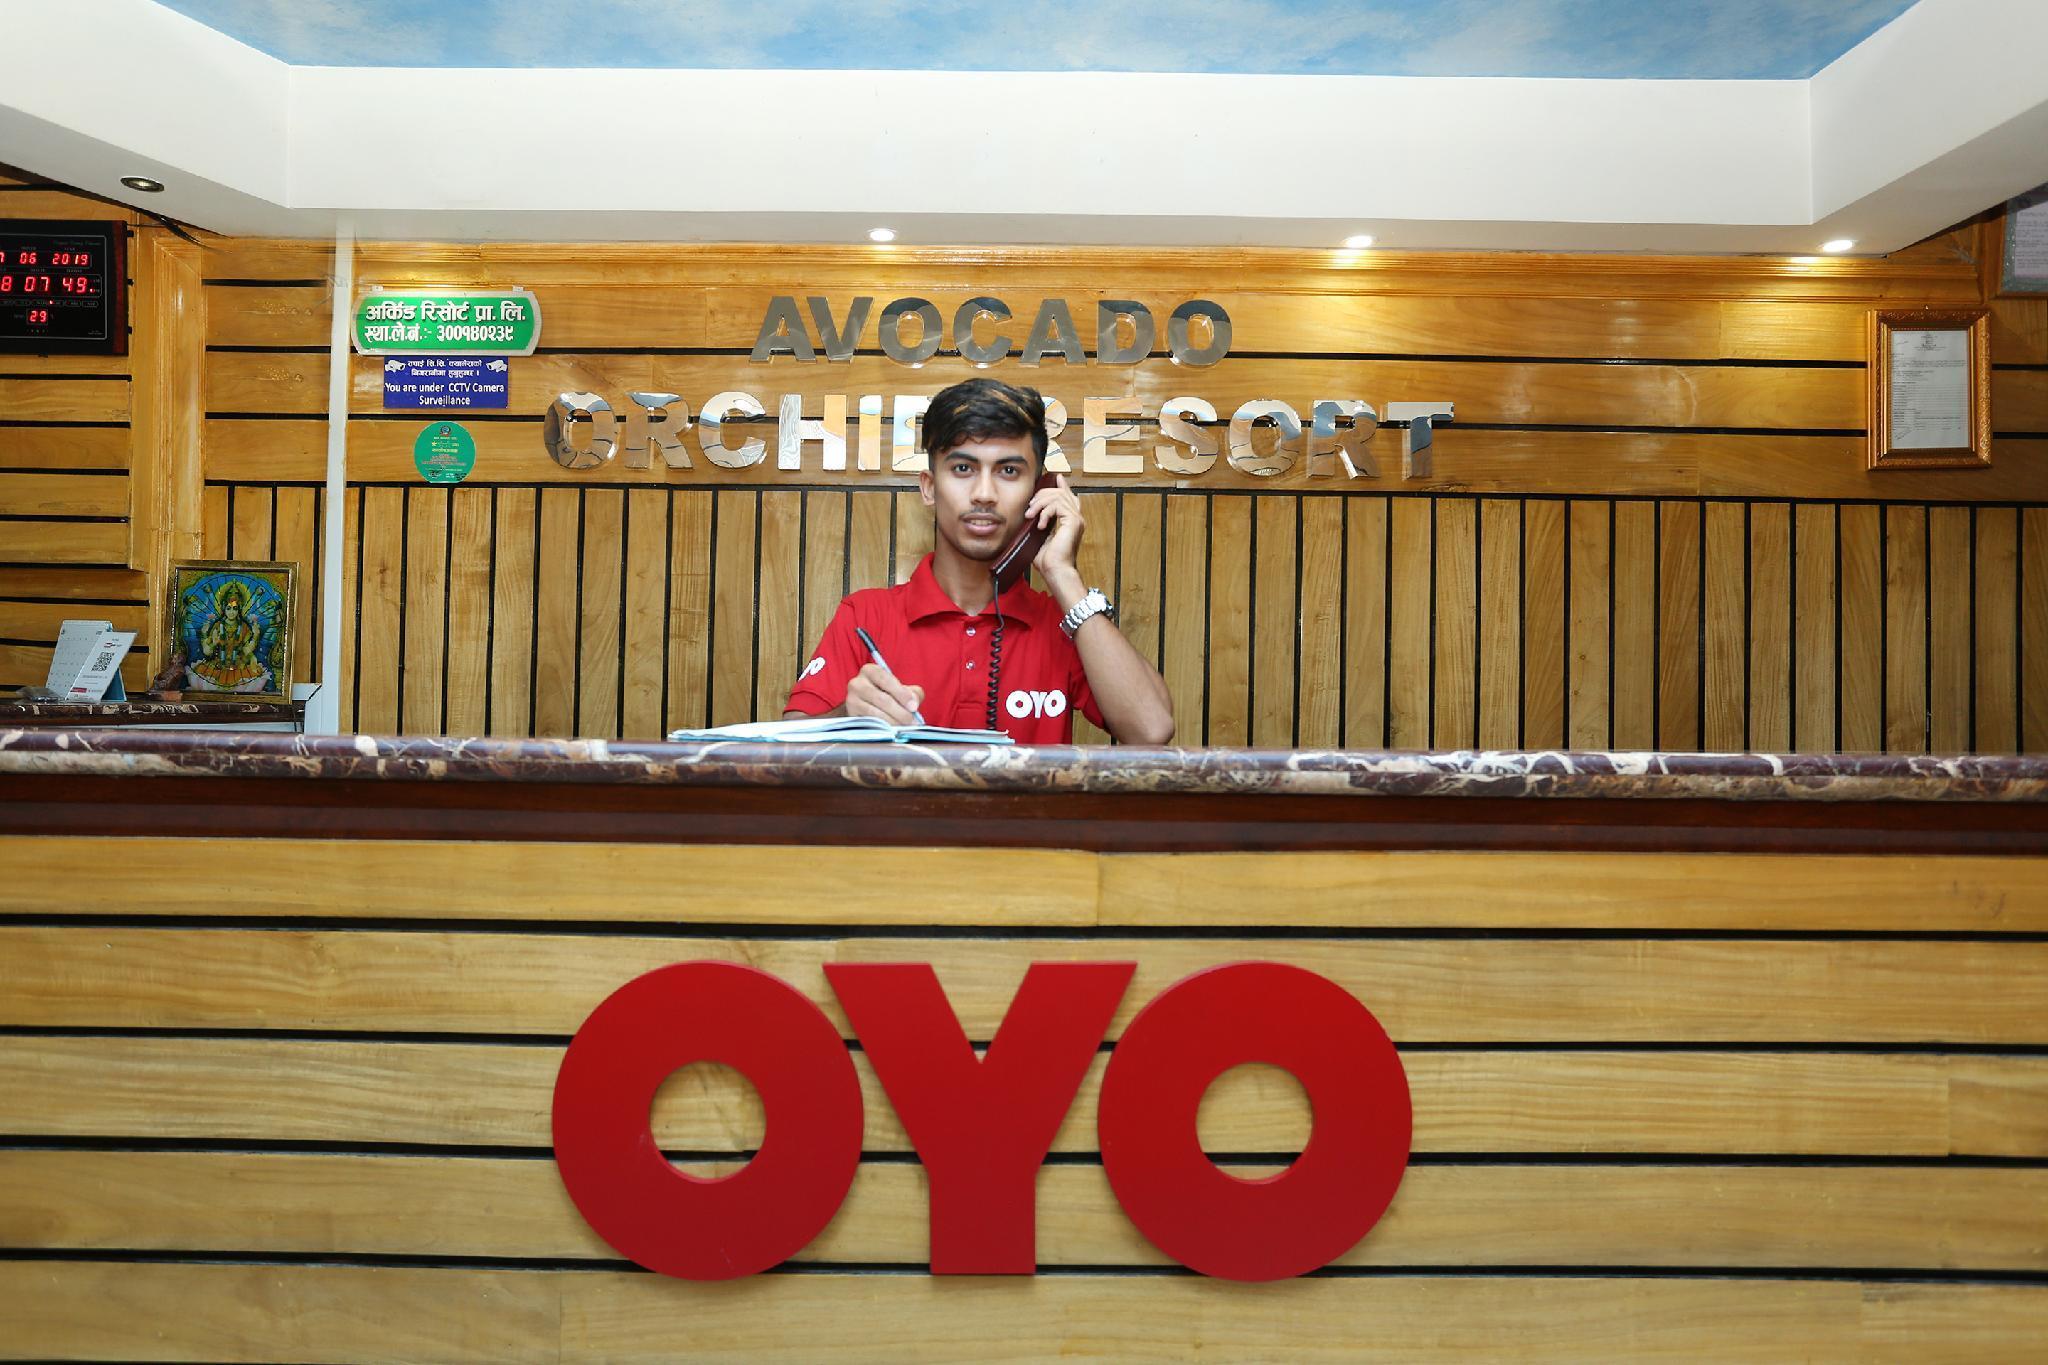 OYO 502 Avocado Orchid Resort